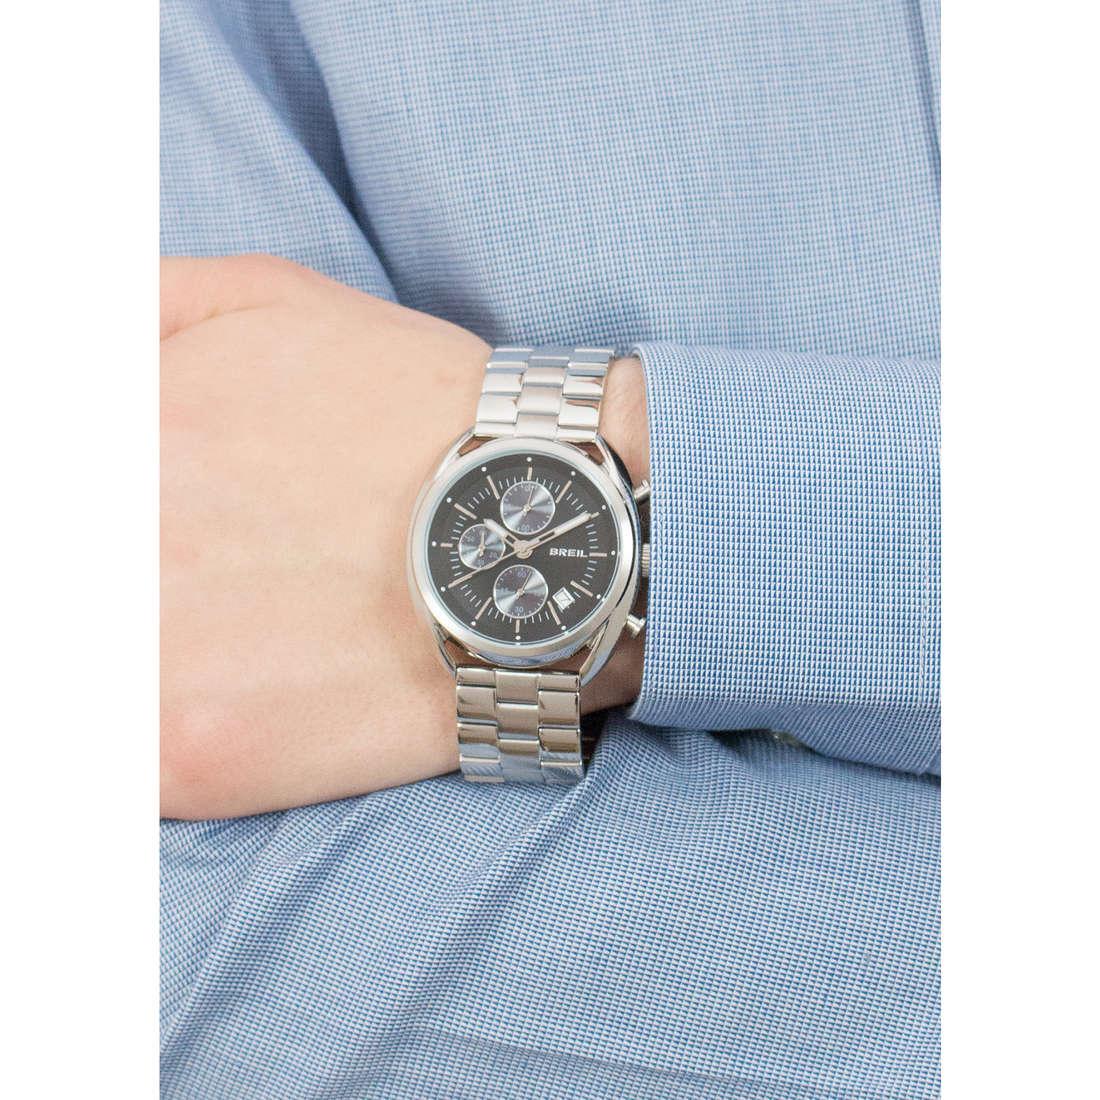 Breil cronografi Beaubourg Extension uomo TW1514 indosso